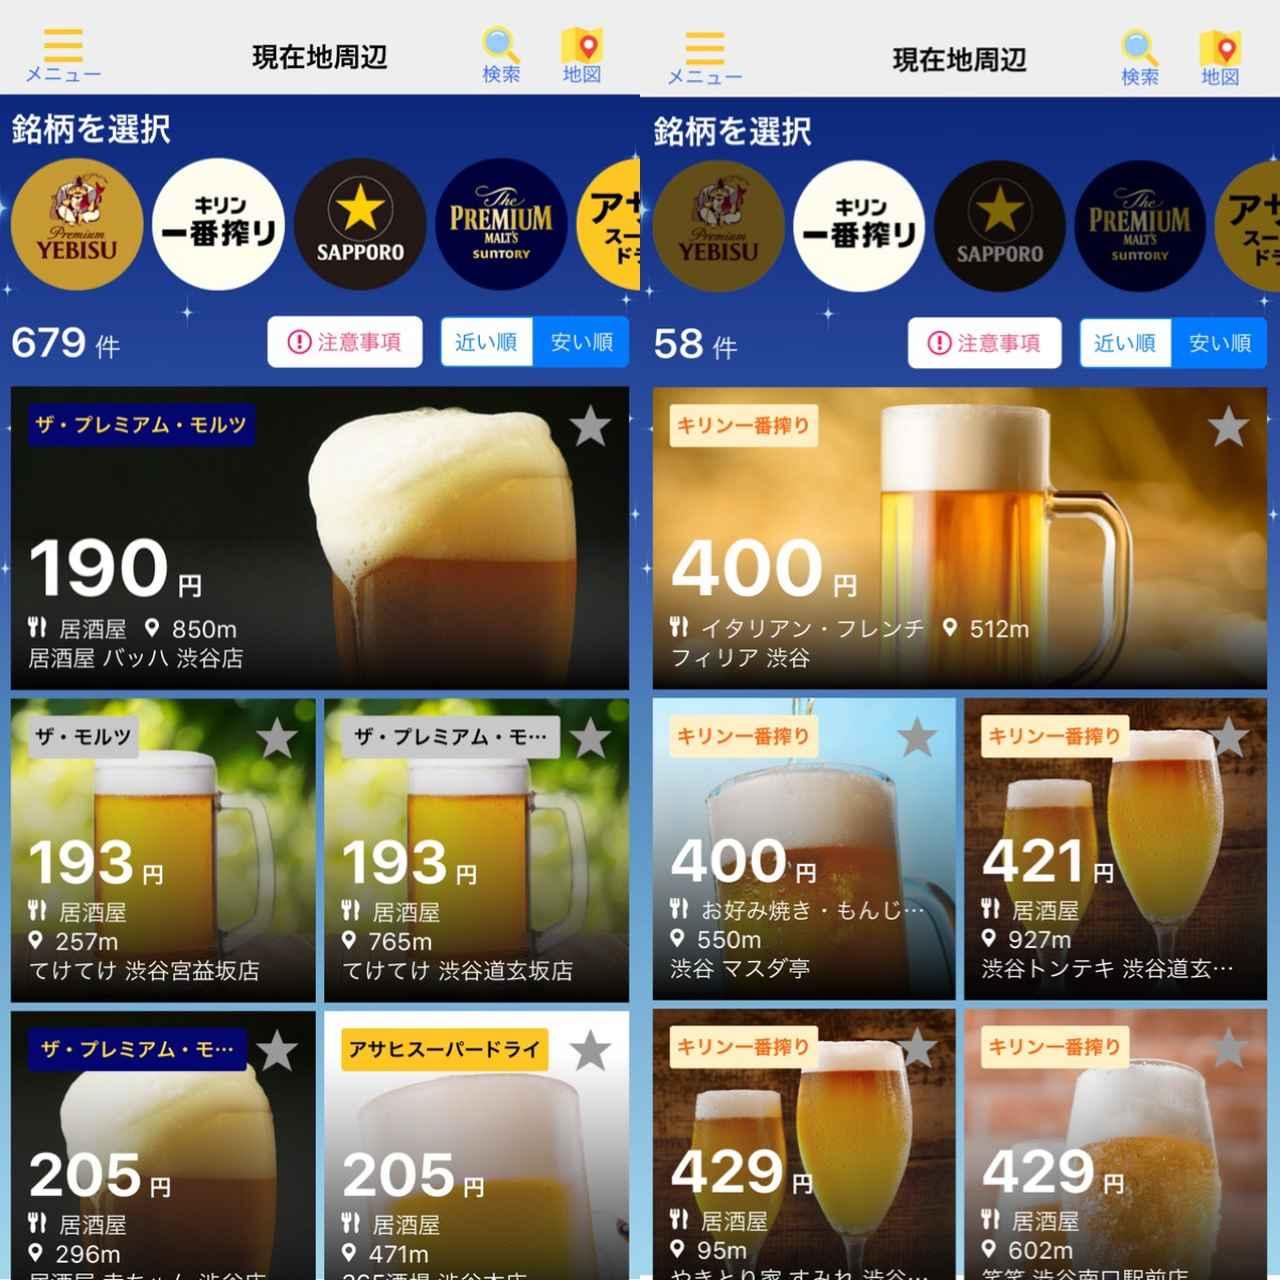 画像2: 現在地や行きたい場所の近くにある「好きなビールのあるお店」を検索できる!